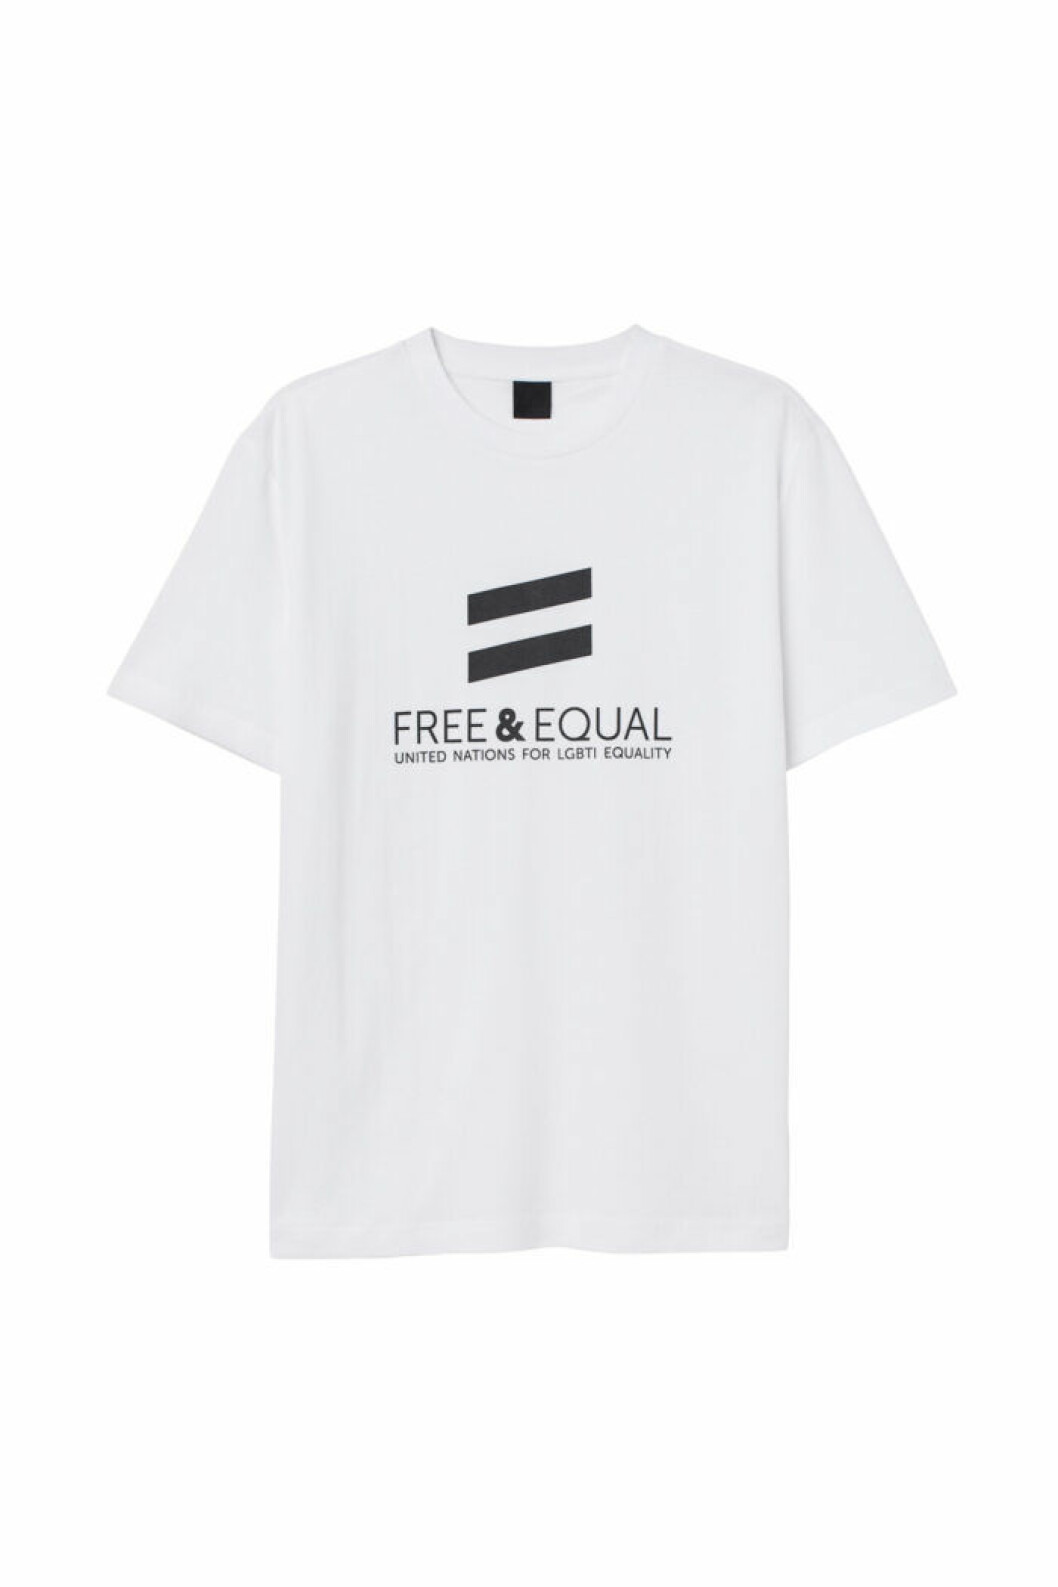 H&M släpper Pridekollektion för 2019 – vit t-shirt med tryck